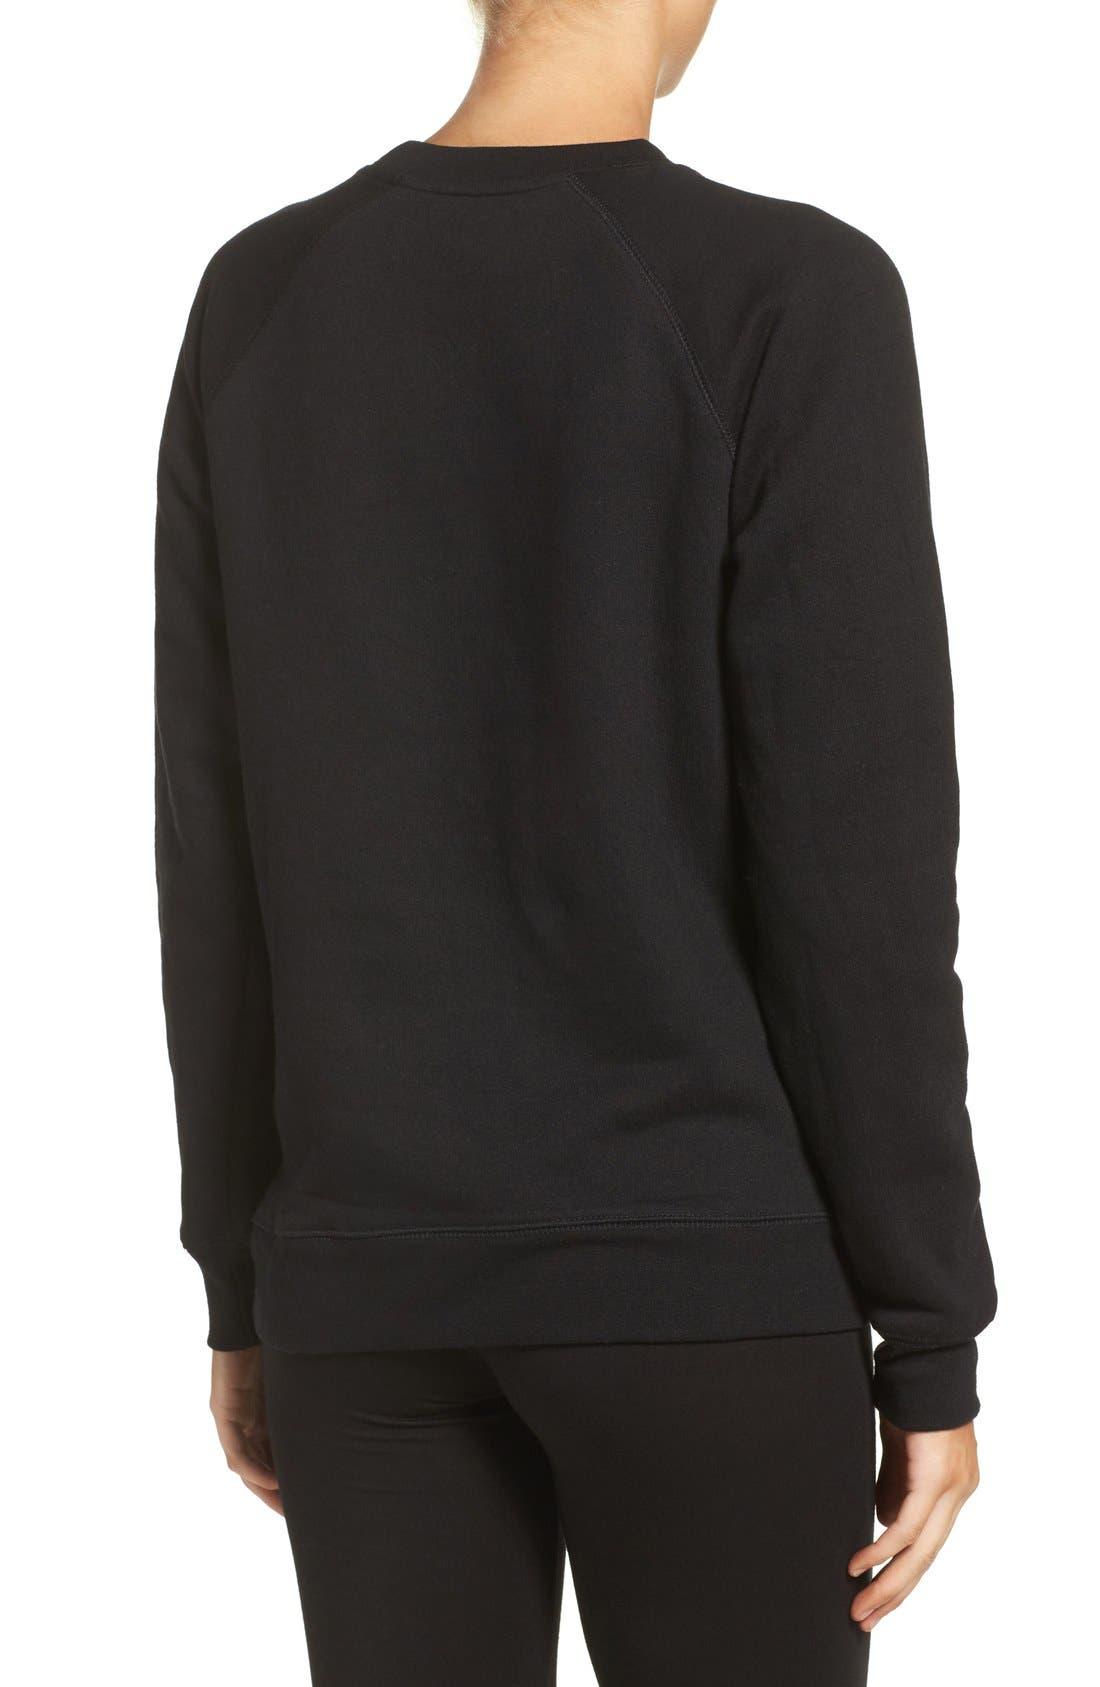 Brunette Crewneck Sweatshirt,                             Alternate thumbnail 8, color,                             001